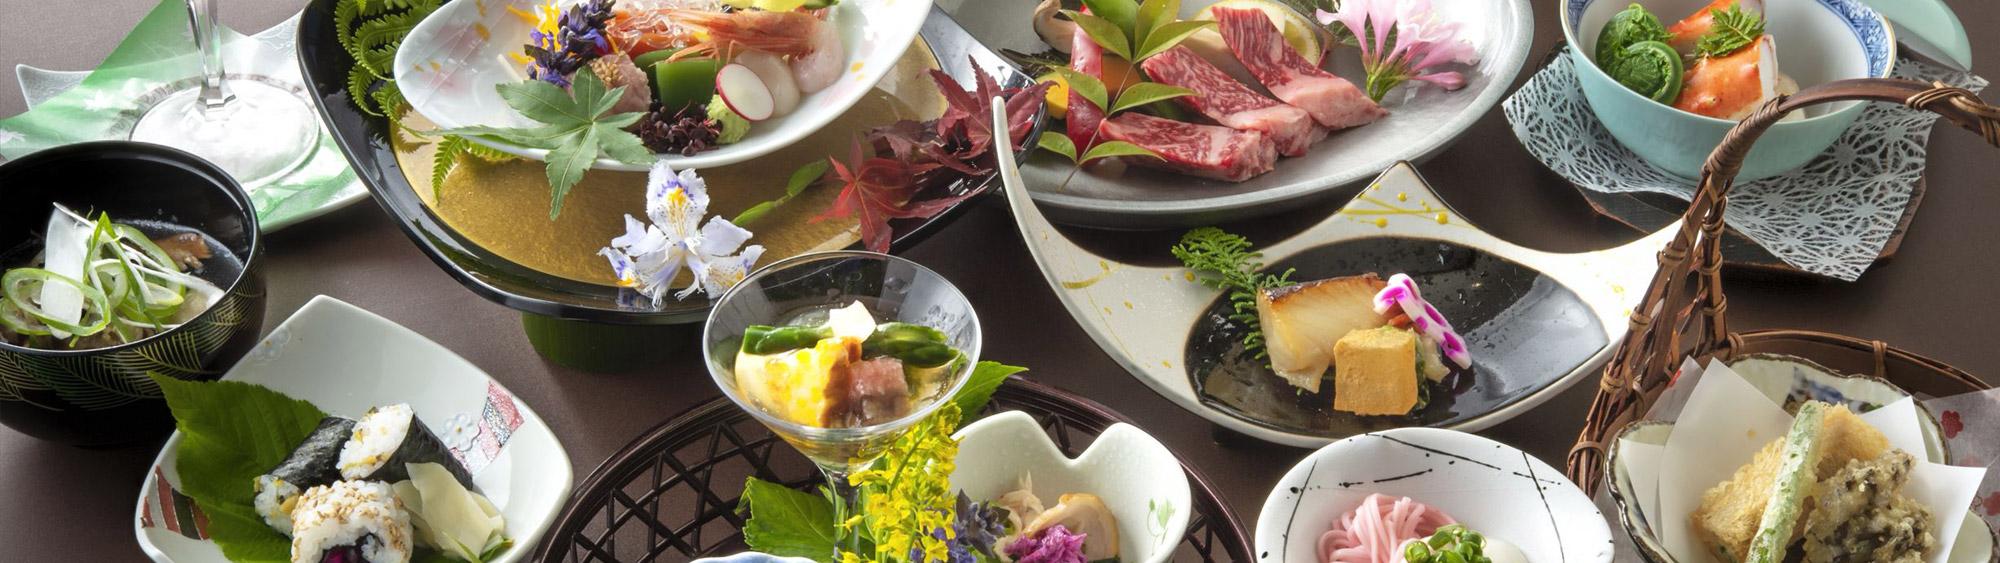 温泉宿の寛ぎと季節の料理で楽しむご宴会